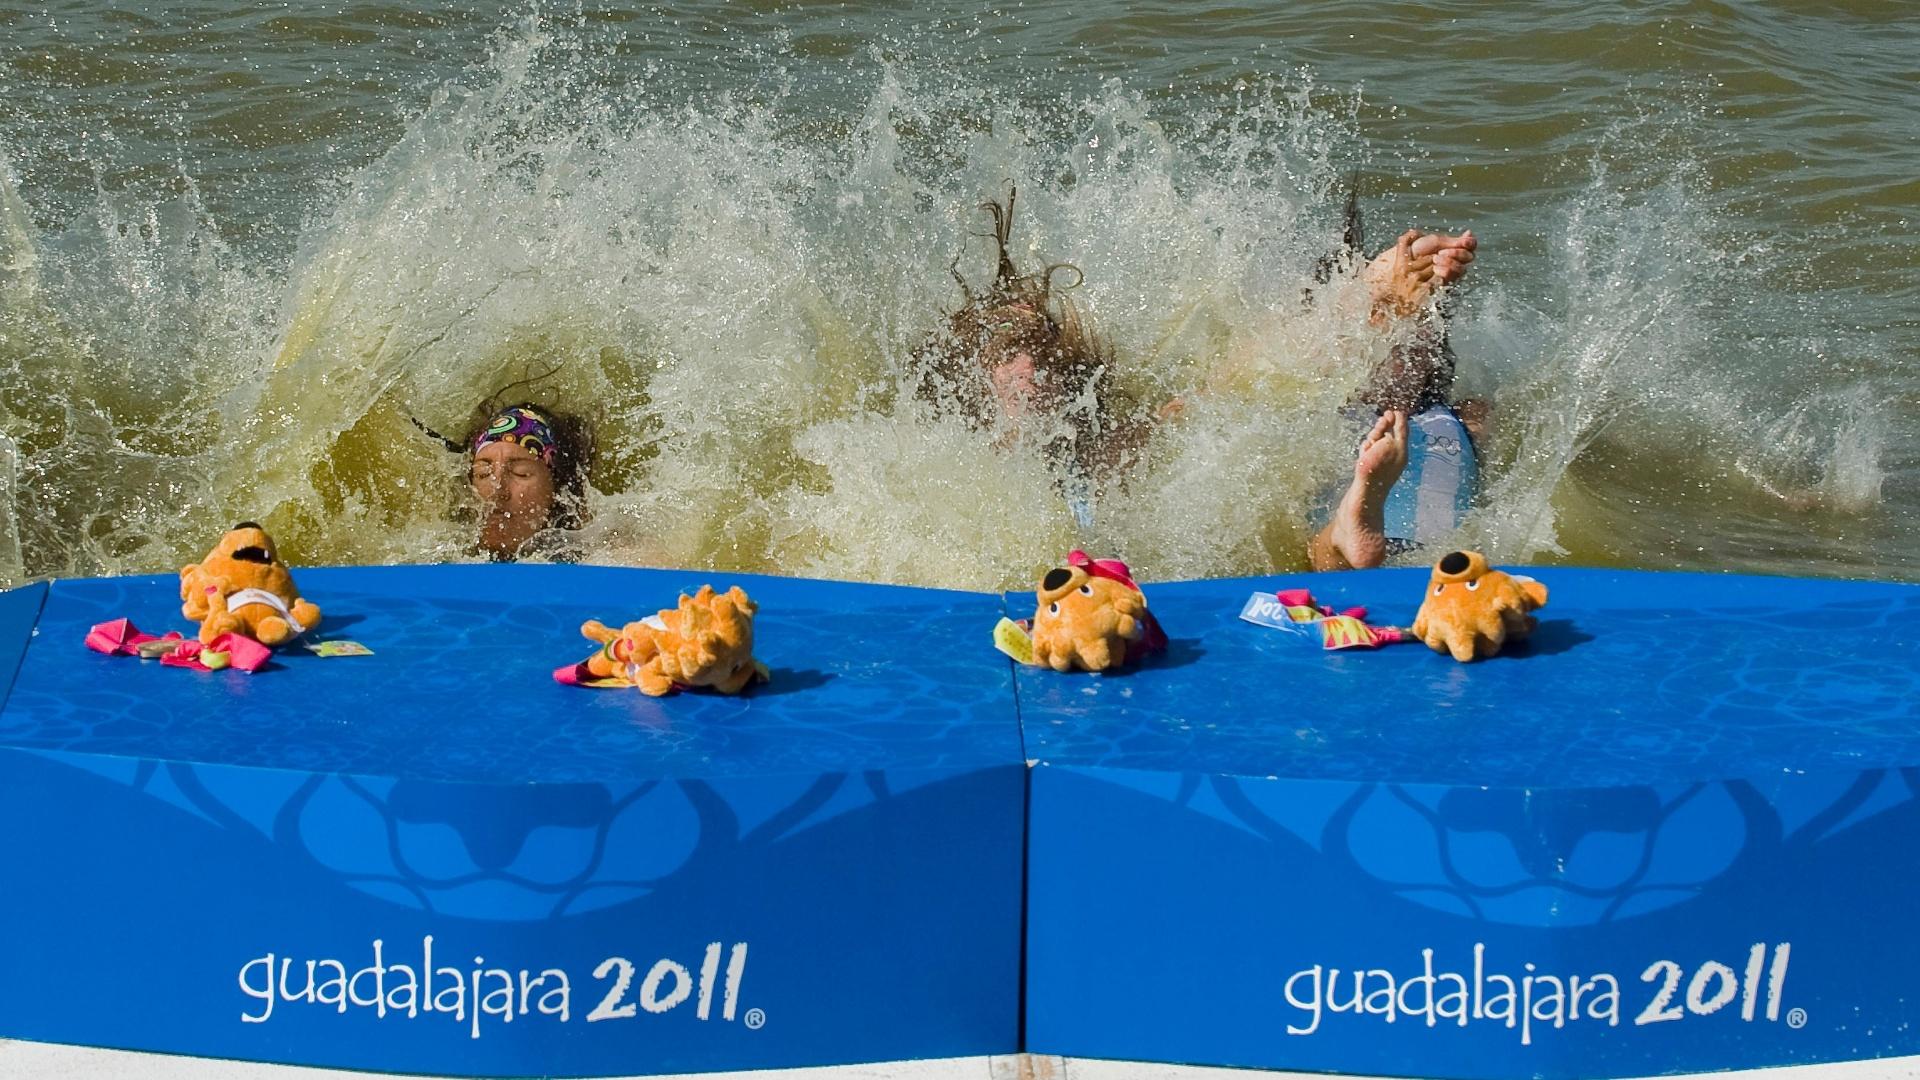 Remadoras argentinas mergulham na água após receberem medalha de ouro no pódio do Pan (19/10/2011)